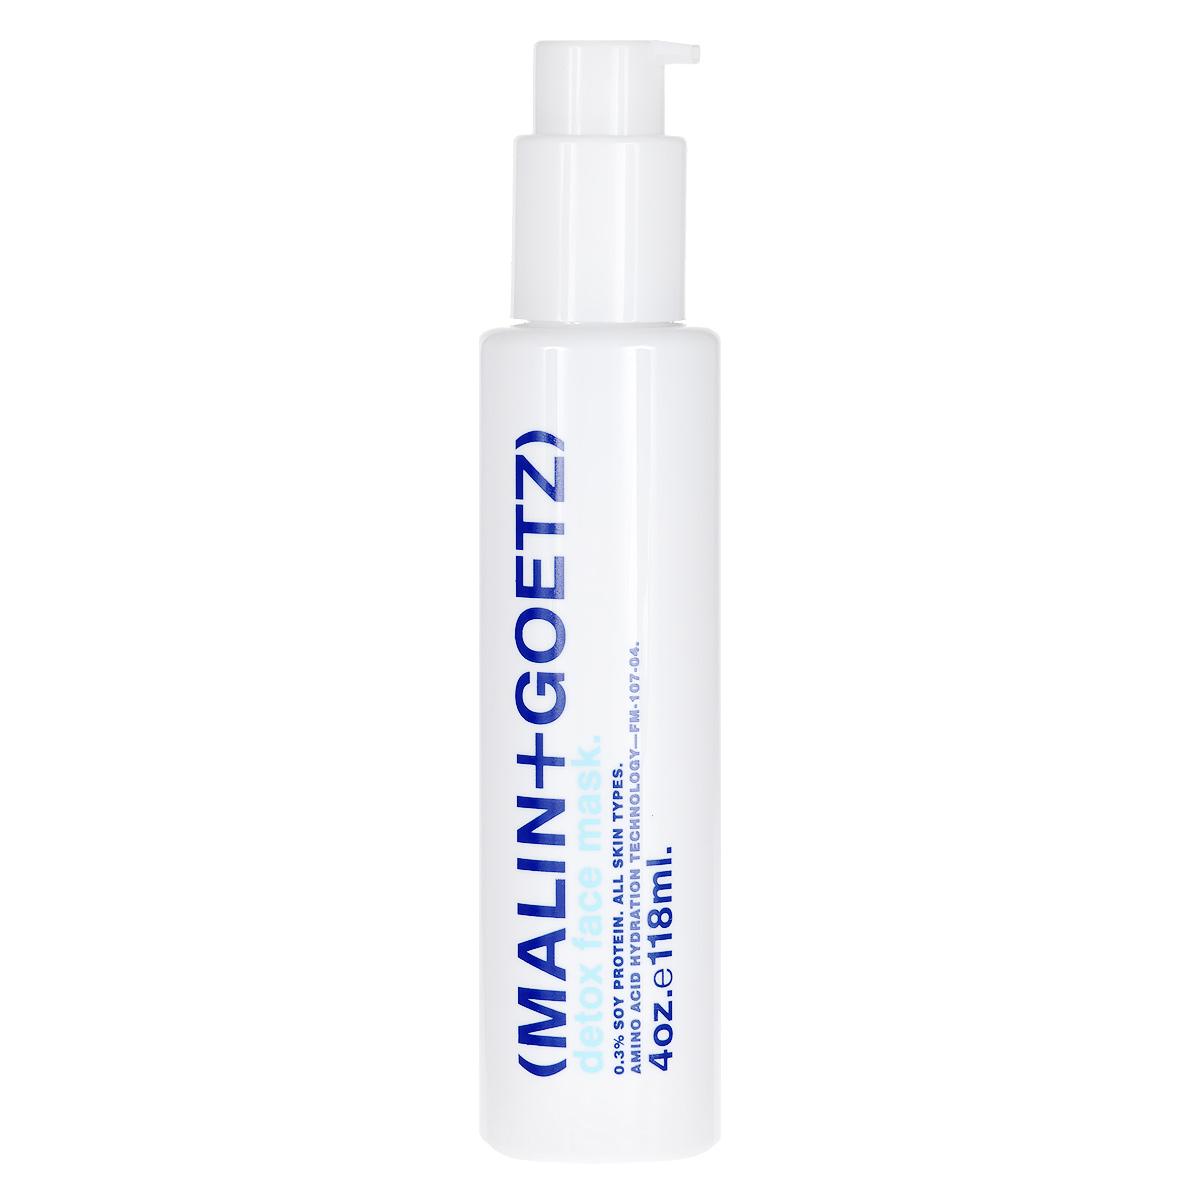 Malin+Goetz Маска-детокс для лица, 118 млMG063В состав пятиминутной пенящейся маски-геля Malin+Goetz входят инновационные, обогащенные кислородом ингредиенты (вместо обычных грубых очищающих веществ и обезвоживающей кожу глины), которые обеспечивают глубокое очищение пор и избавление от загрязнений, жира и макияжа, не вызывая раздражения кожи и не разрушая ее гидролипидный барьер. Витамин С стабилизирует кожу, витамин Е оказывает антиоксидантное действие, а соевый протеин укрепляет кожу и борется с процессами старения. Комплекс аминокислот и натуральный экстракт миндаля мягко эффективно очищают и успокаивают кожу, делая ее сияющей. Полностью смывается водой. Кожа становится гладкой и ровной. Характеристики: Объем: 118 мл. Производитель: США. Товар сертифицирован.